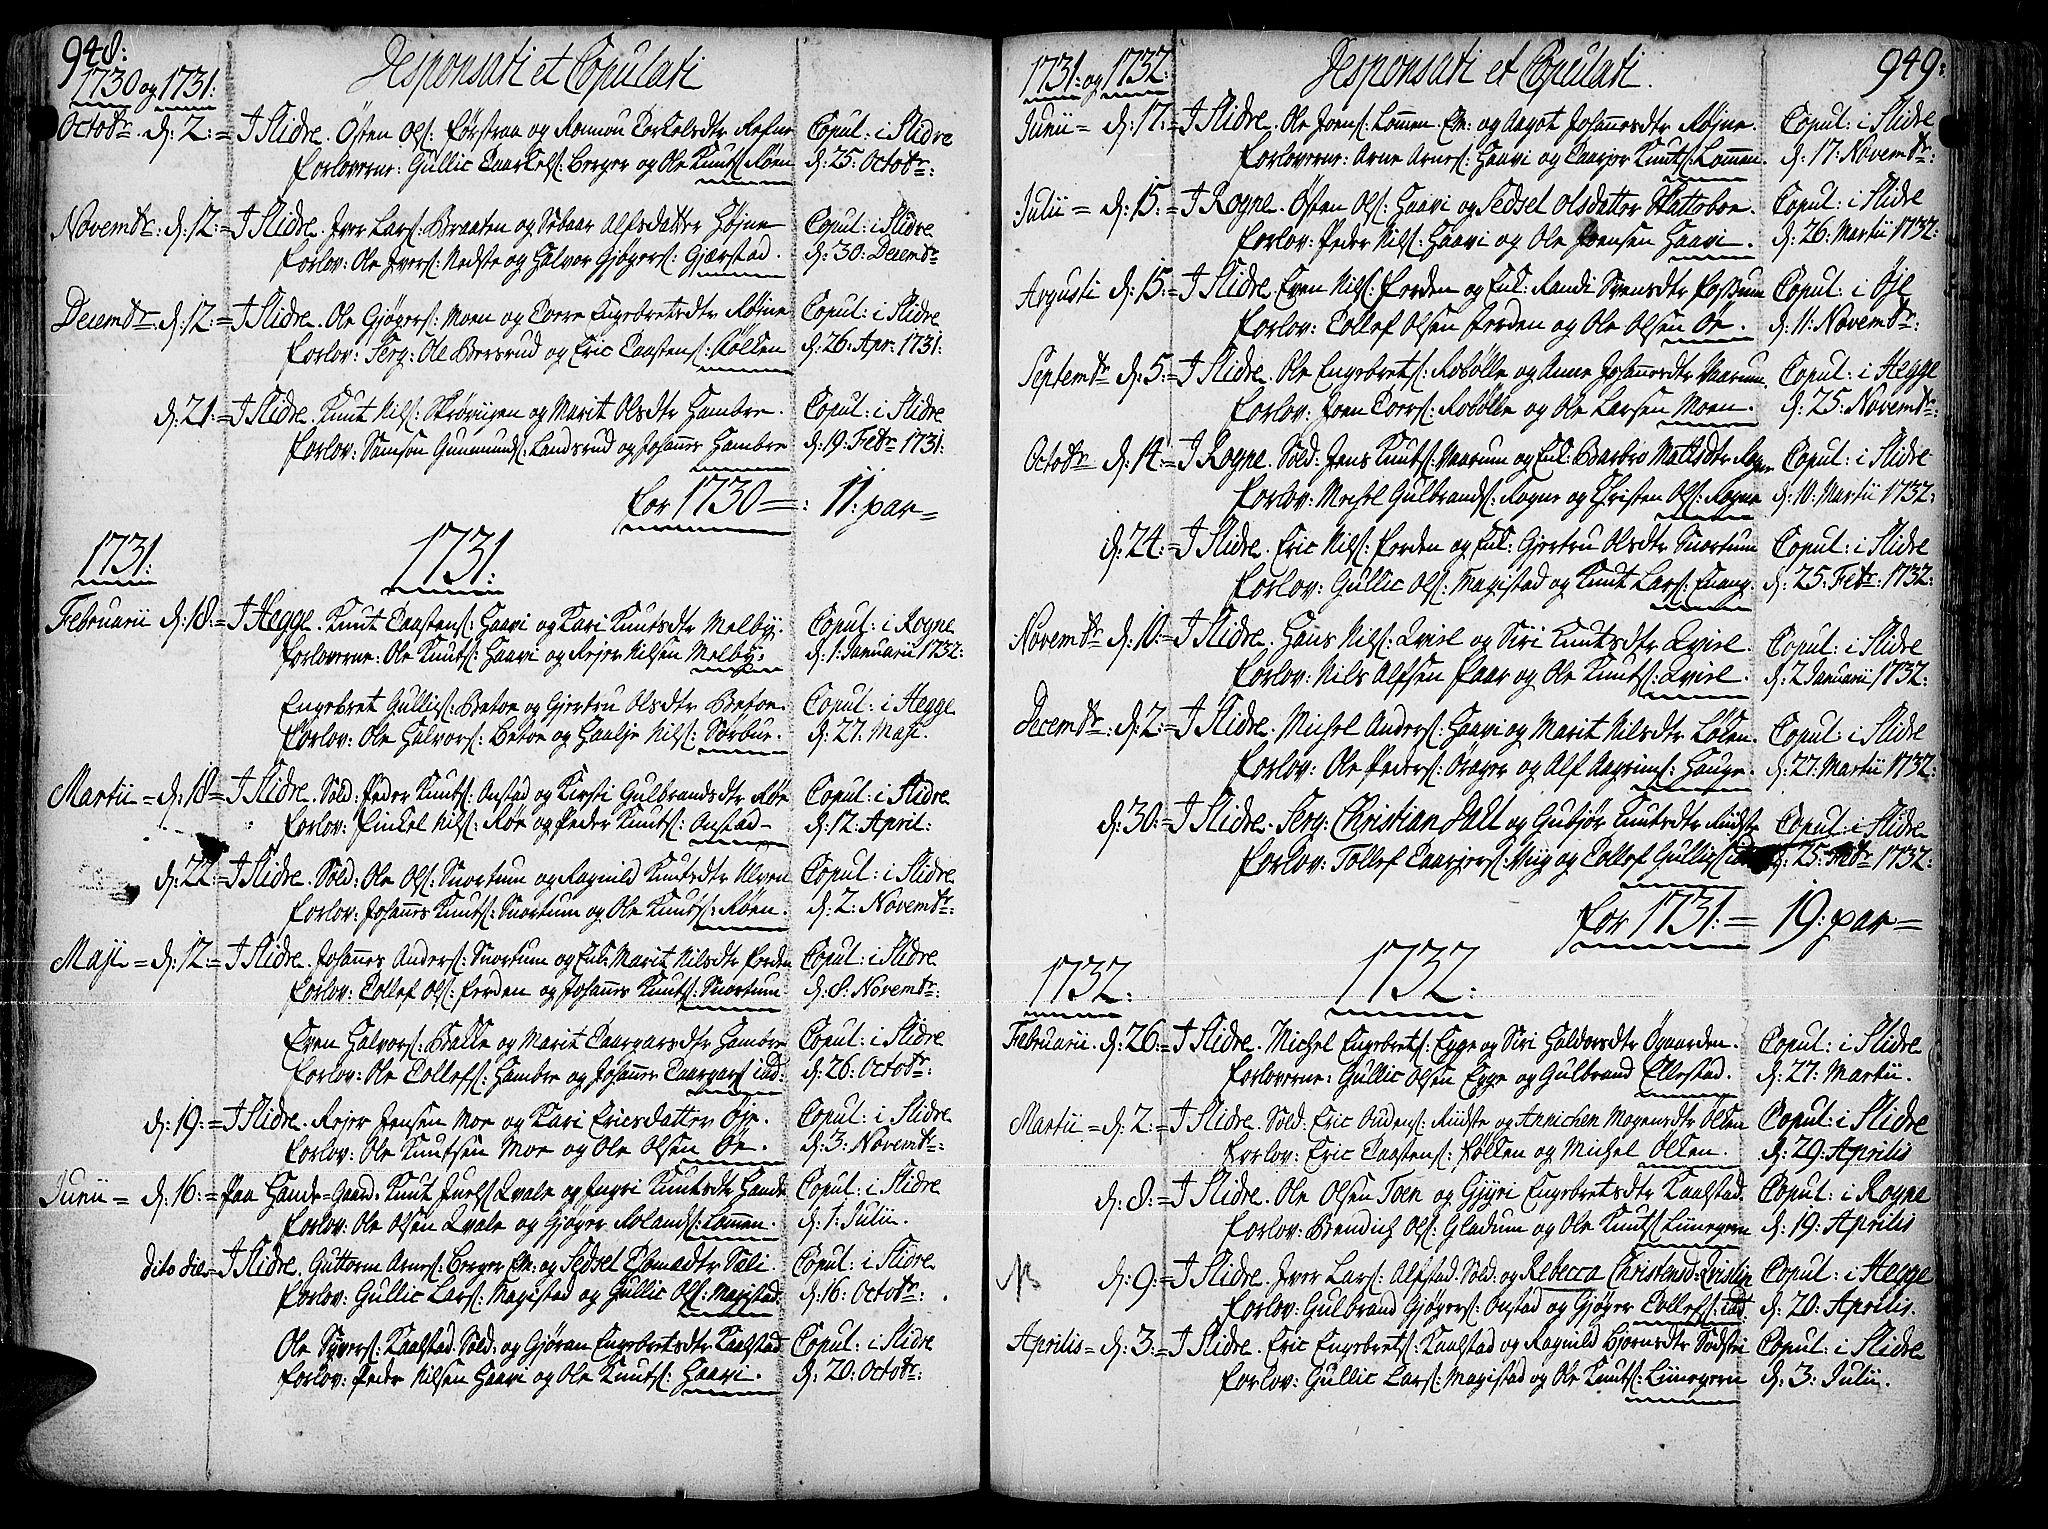 SAH, Slidre prestekontor, Ministerialbok nr. 1, 1724-1814, s. 948-949